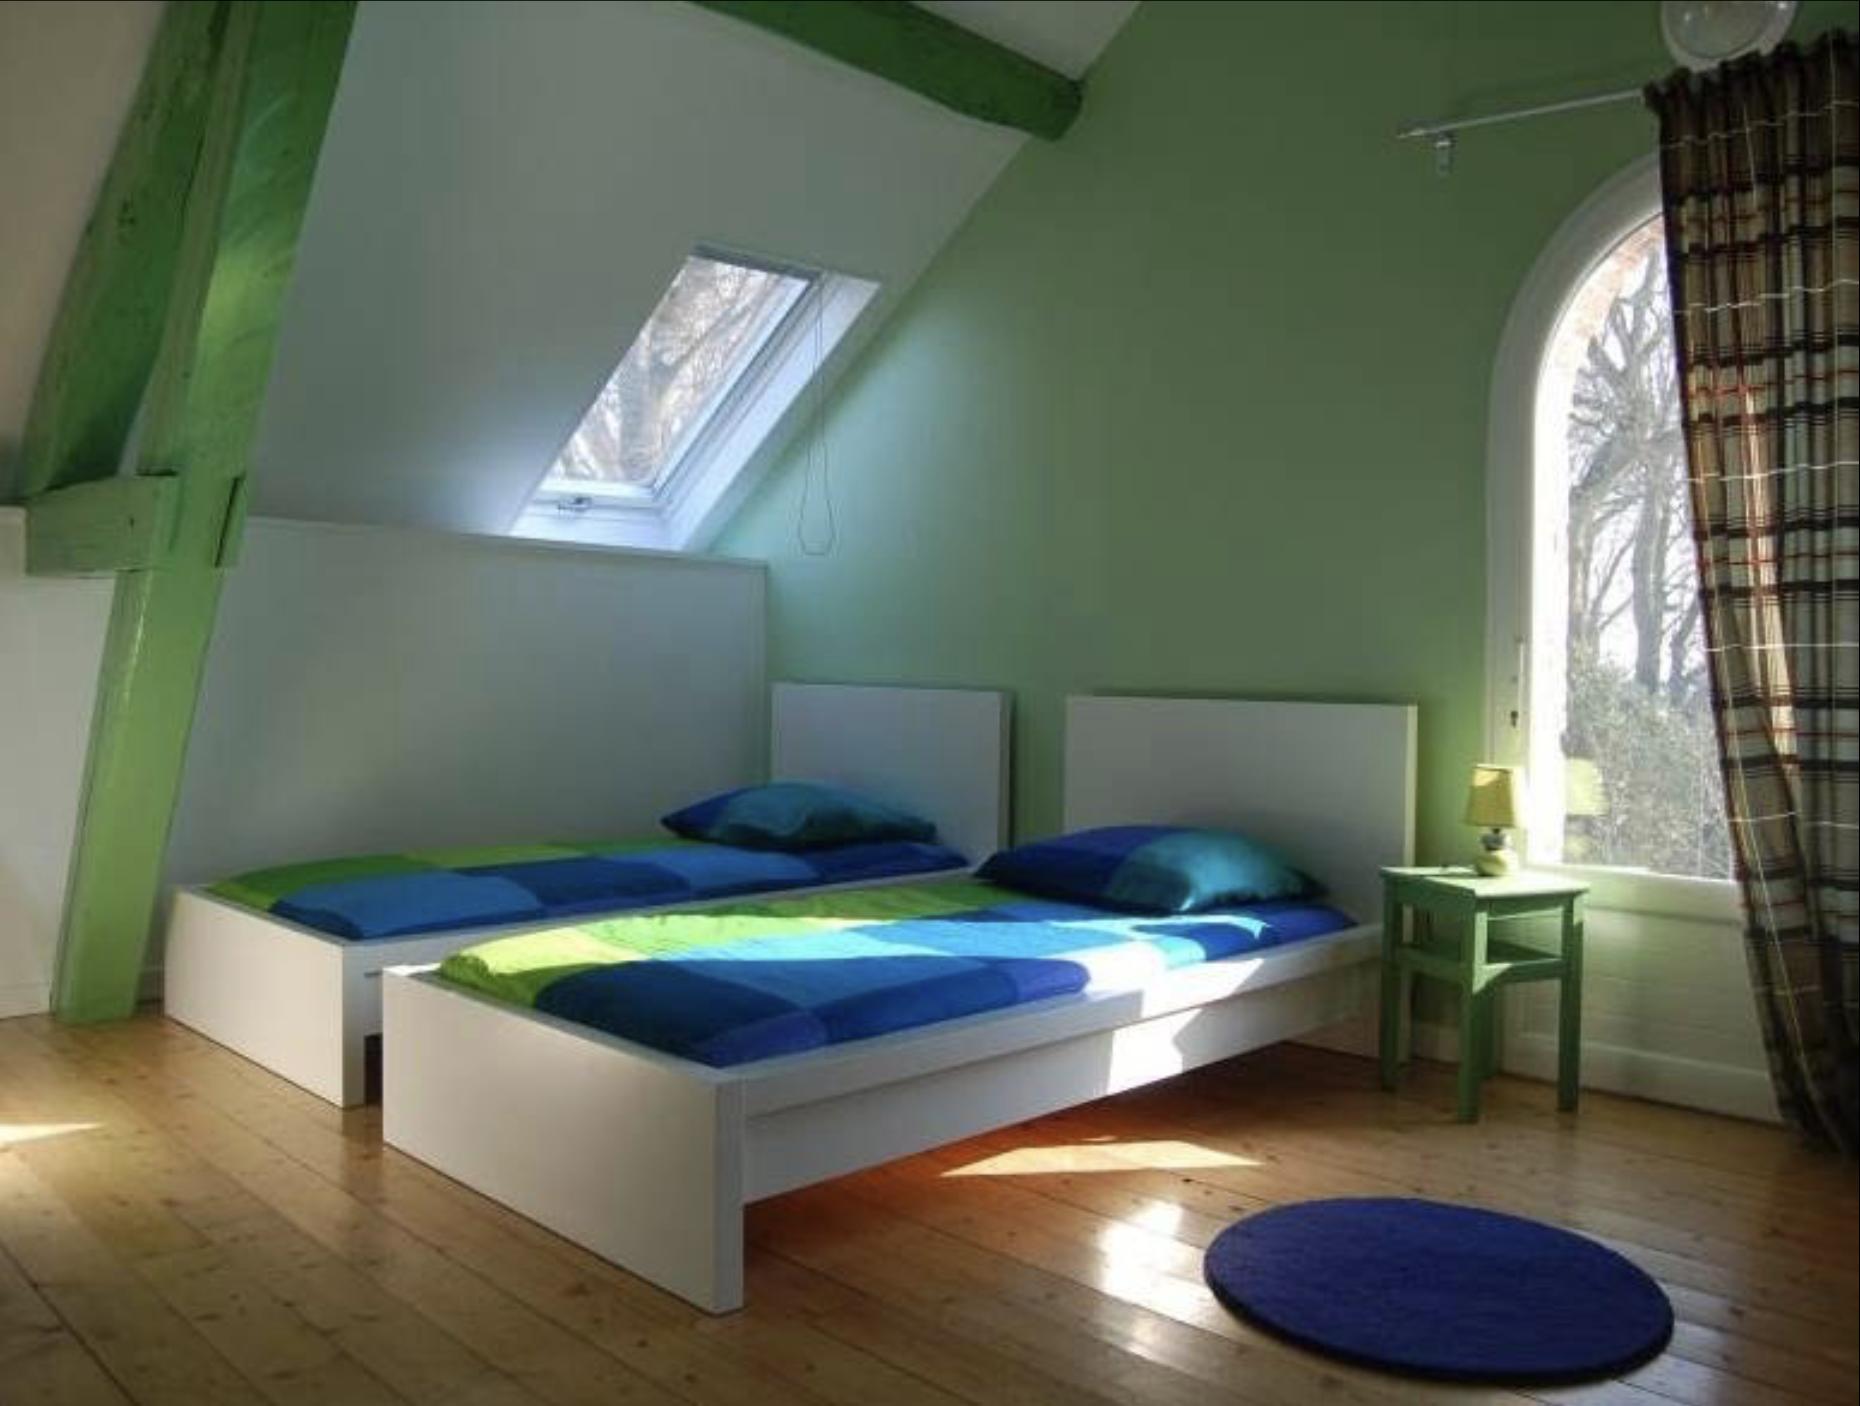 Le Château du Bois - Chambres d'hôtes